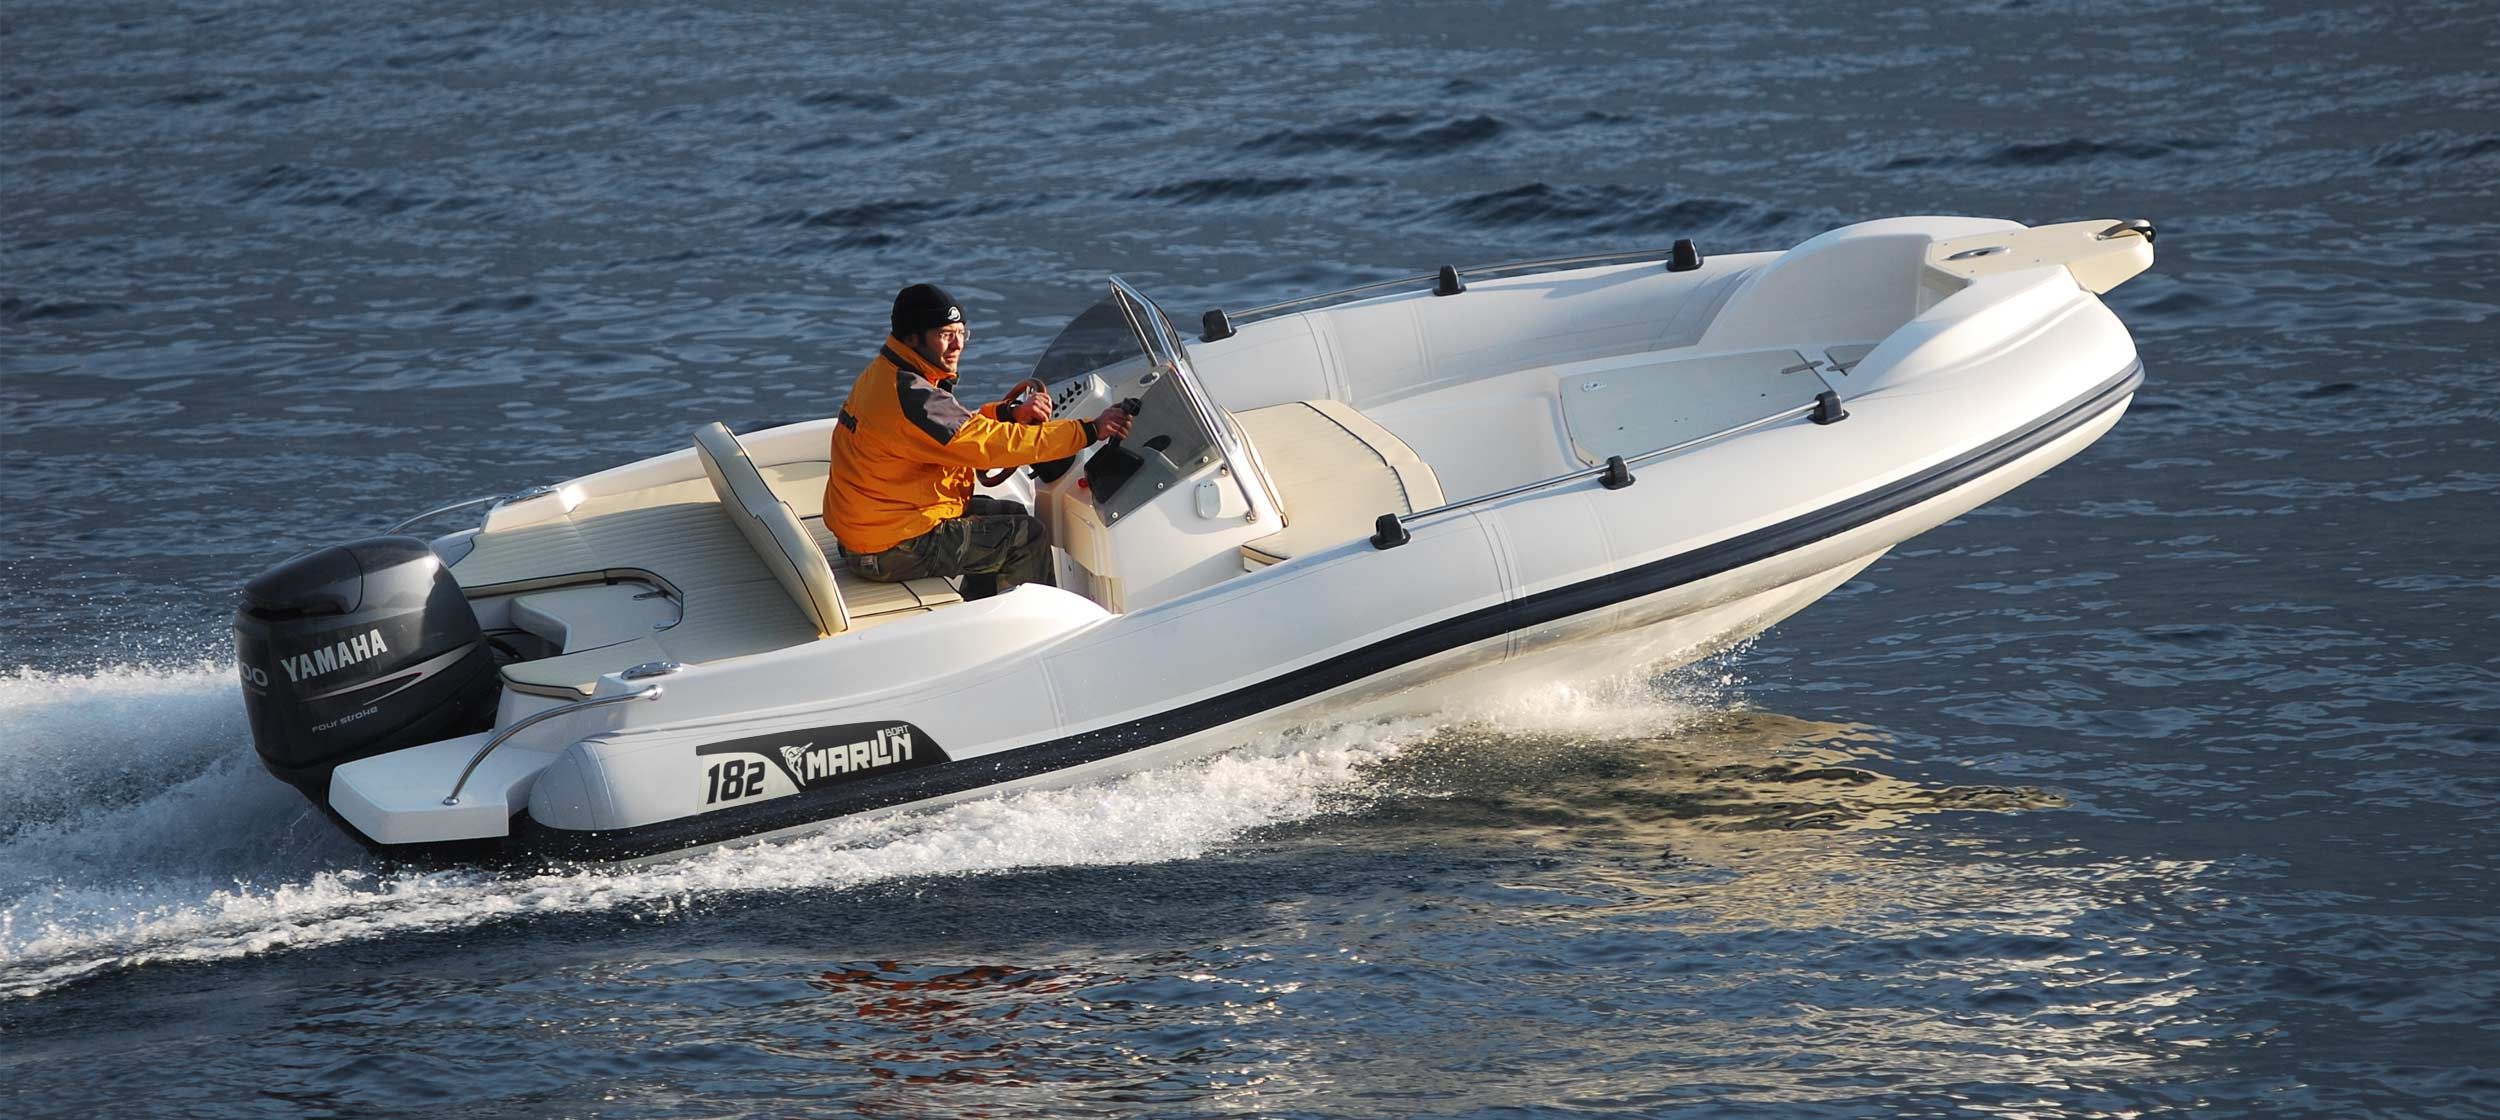 Gommoni marlin boat marlin 182 for Prezzo del ferro vecchio al kg